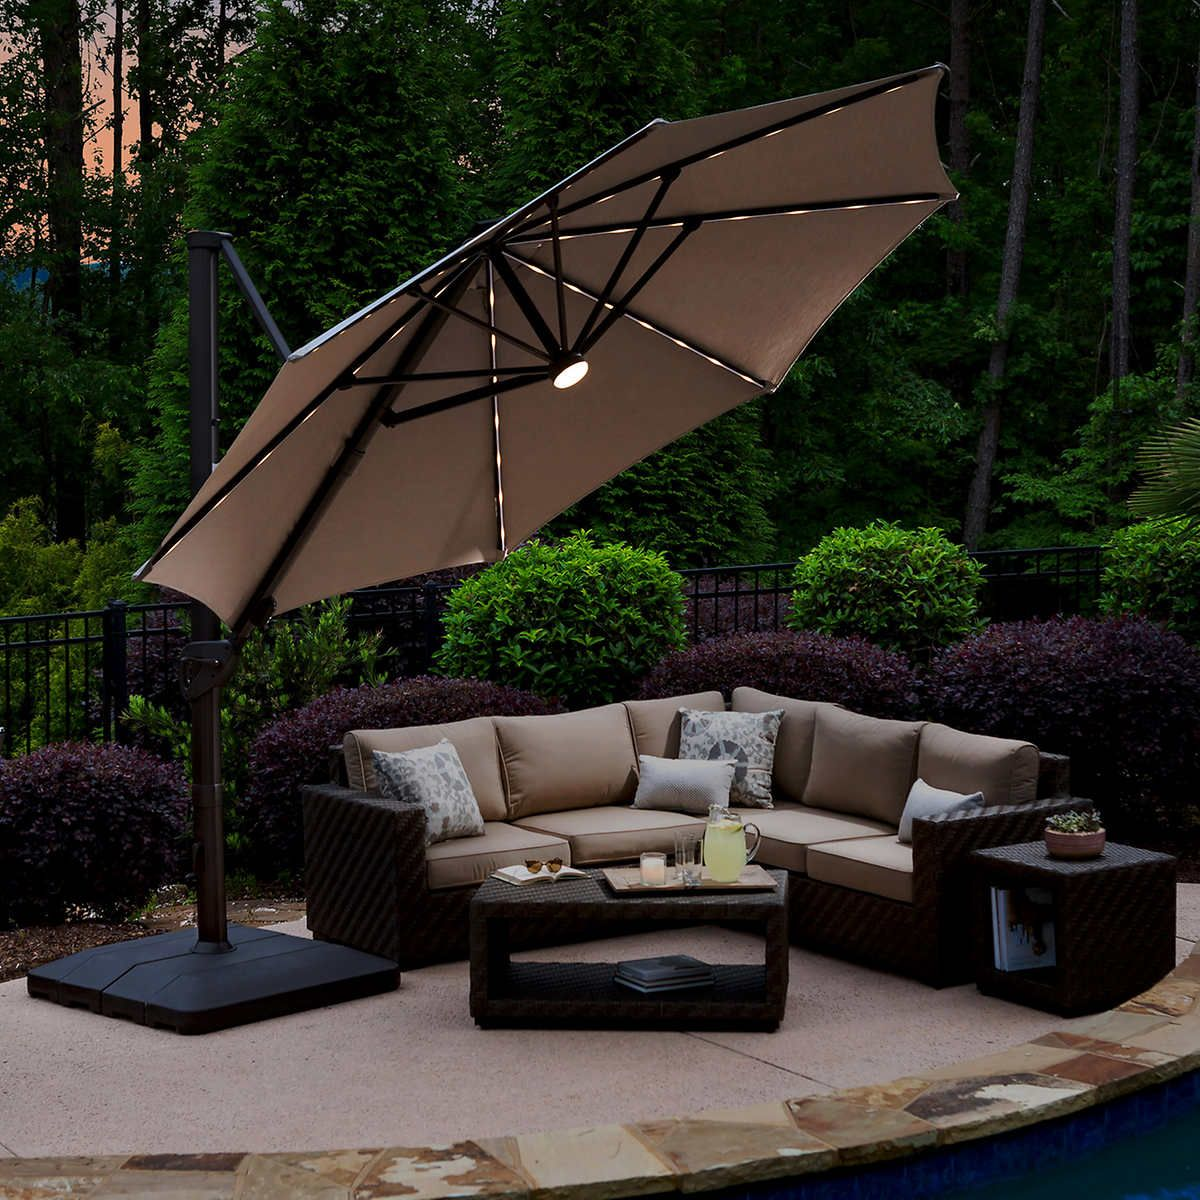 11' LED Solar Round Cantilever Umbrella